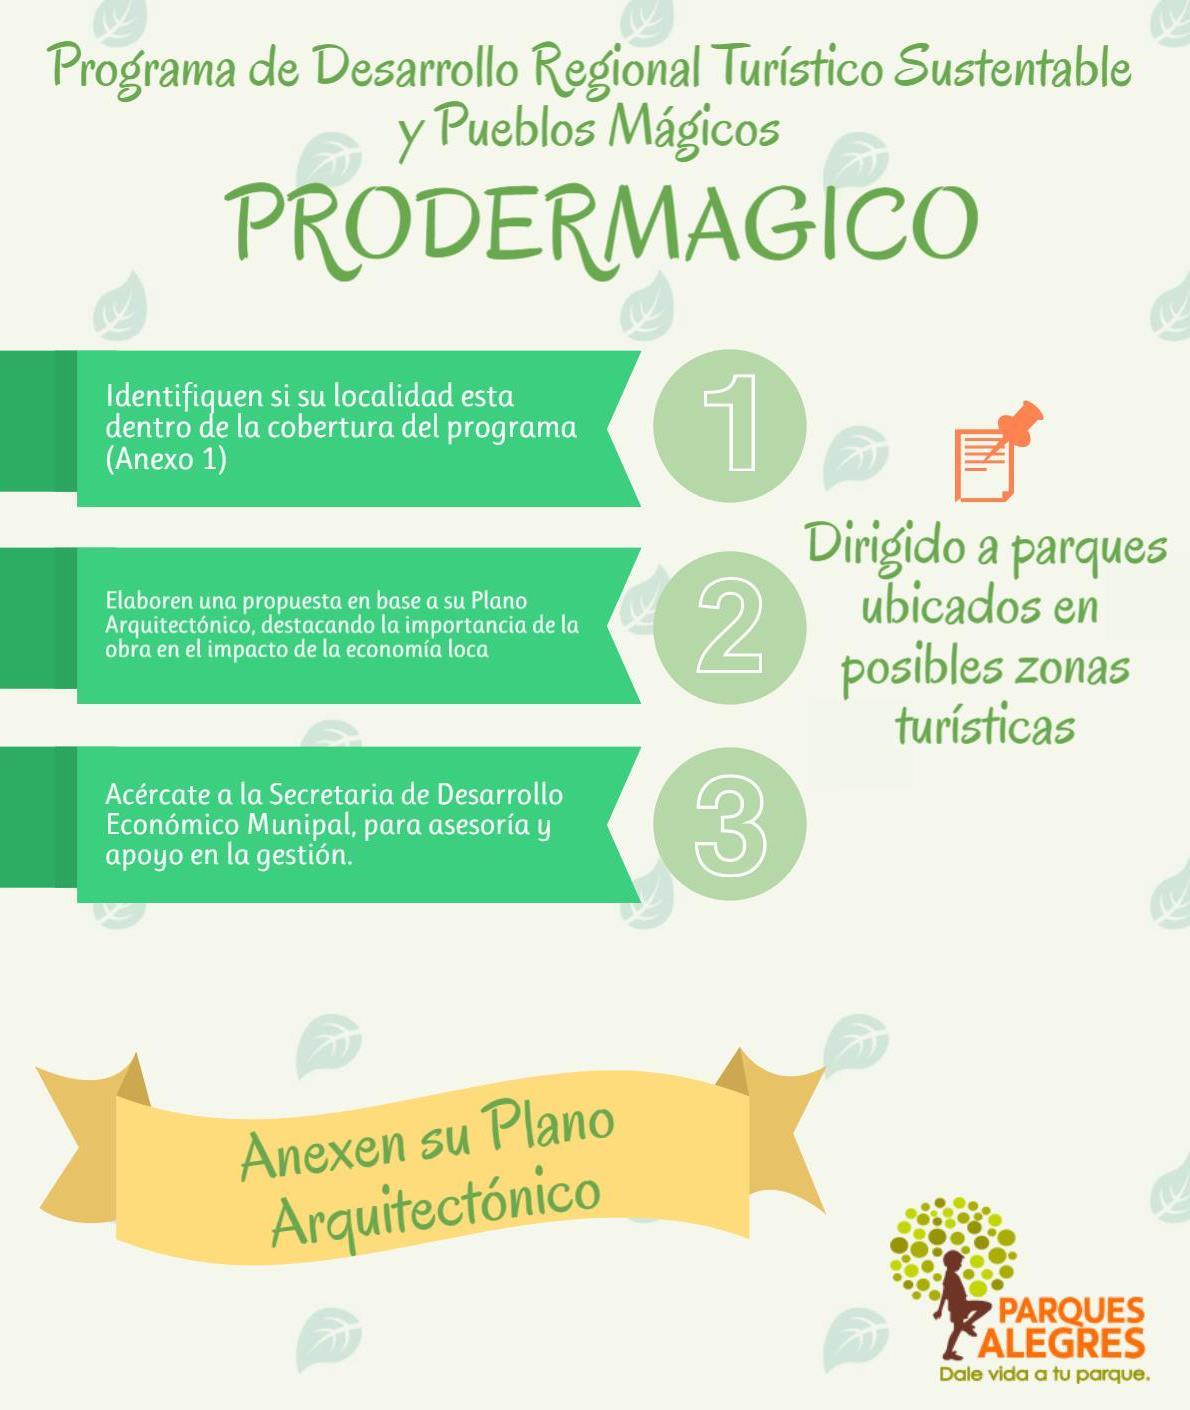 prodermagicos